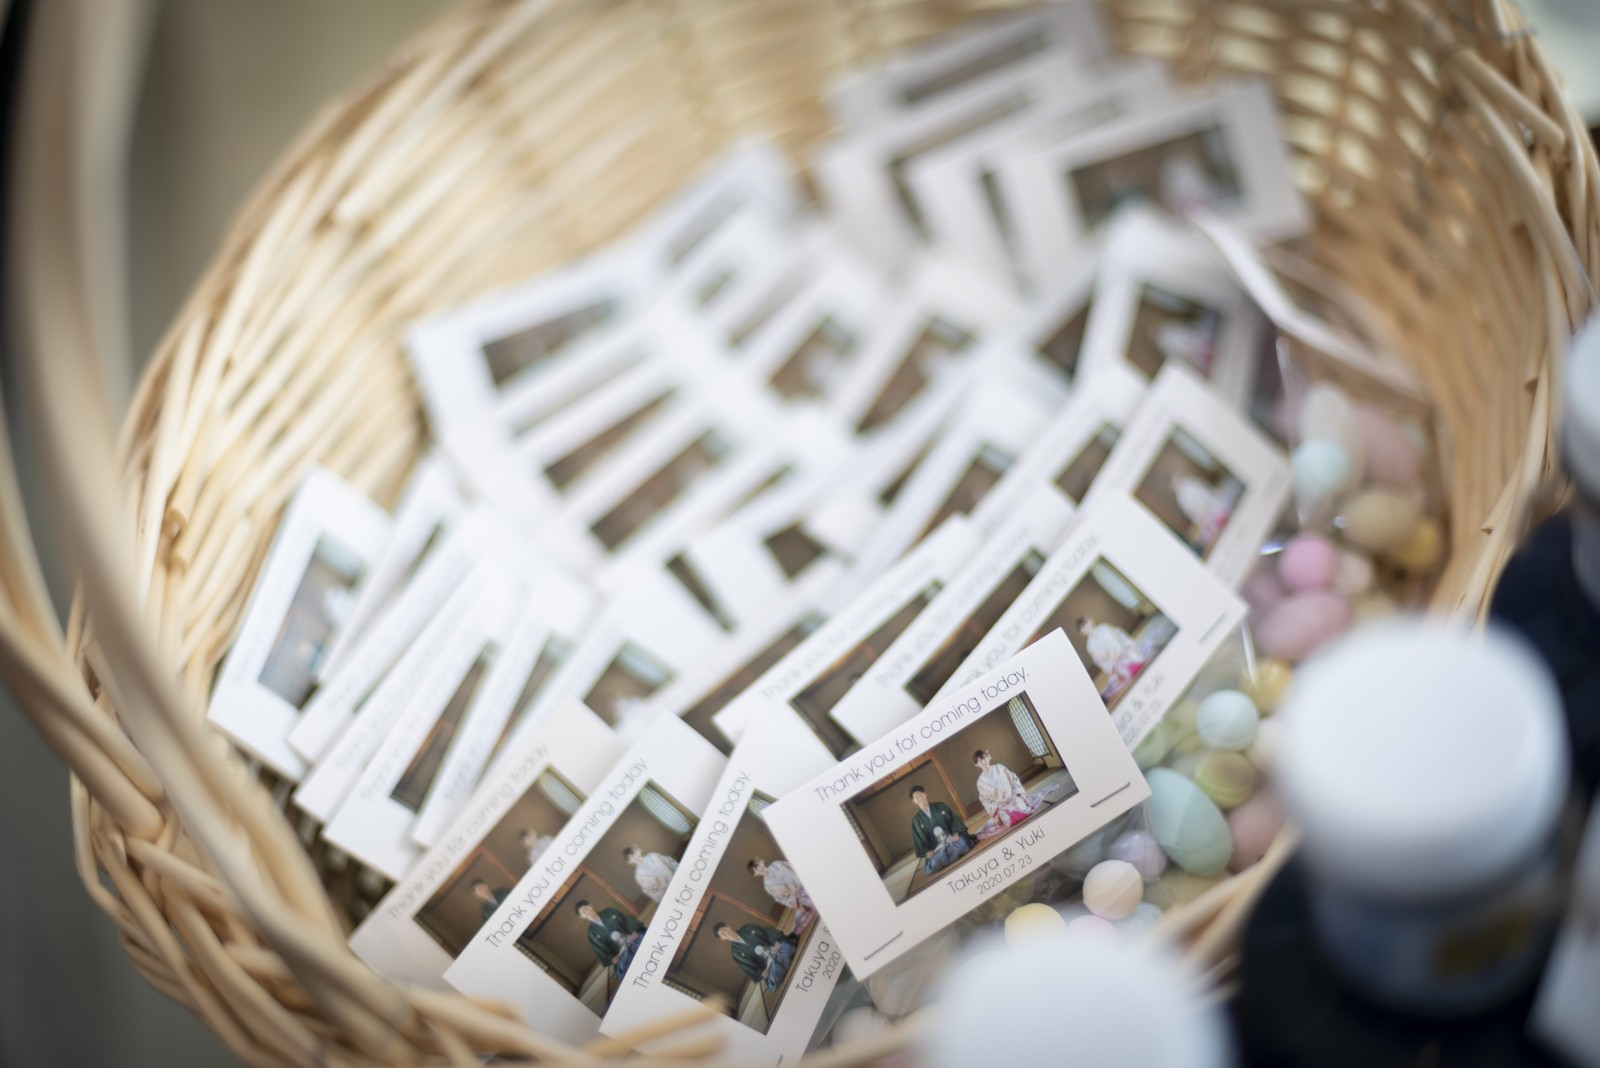 香川県の結婚式場シェルエメール&アイスタイルのお見送り品